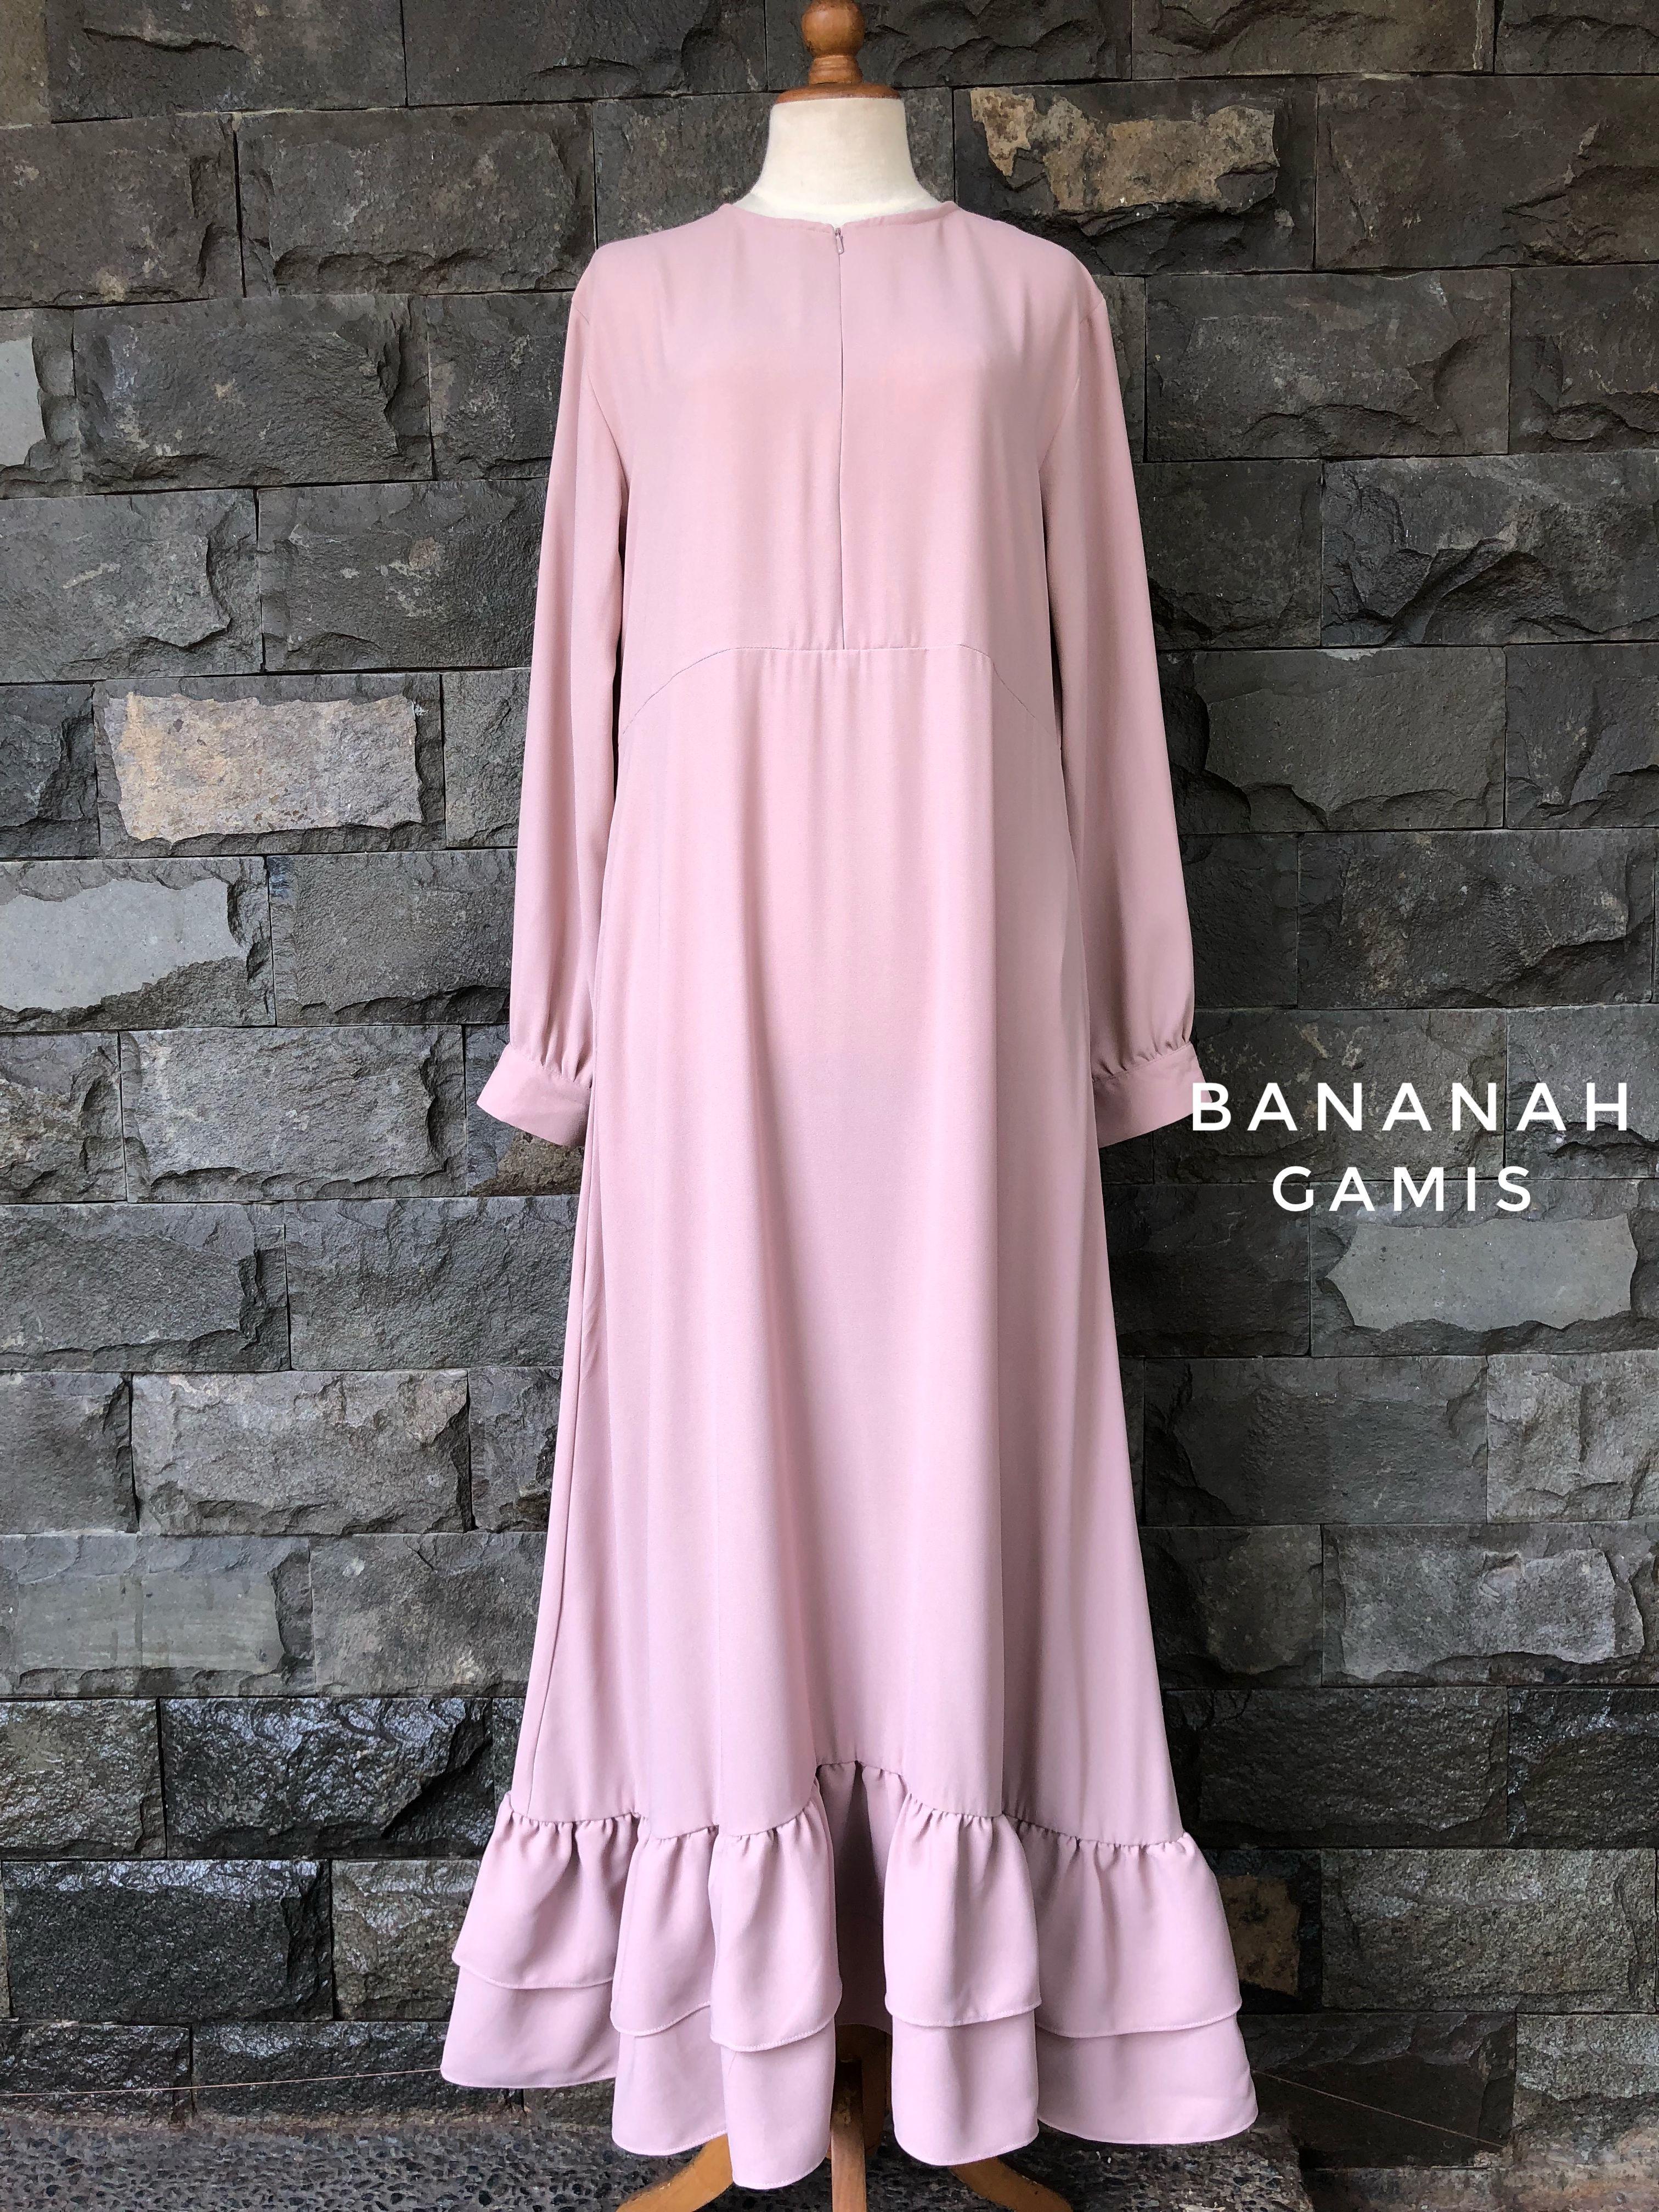 Gamis  Model baju wanita, Model pakaian hijab, Model pakaian